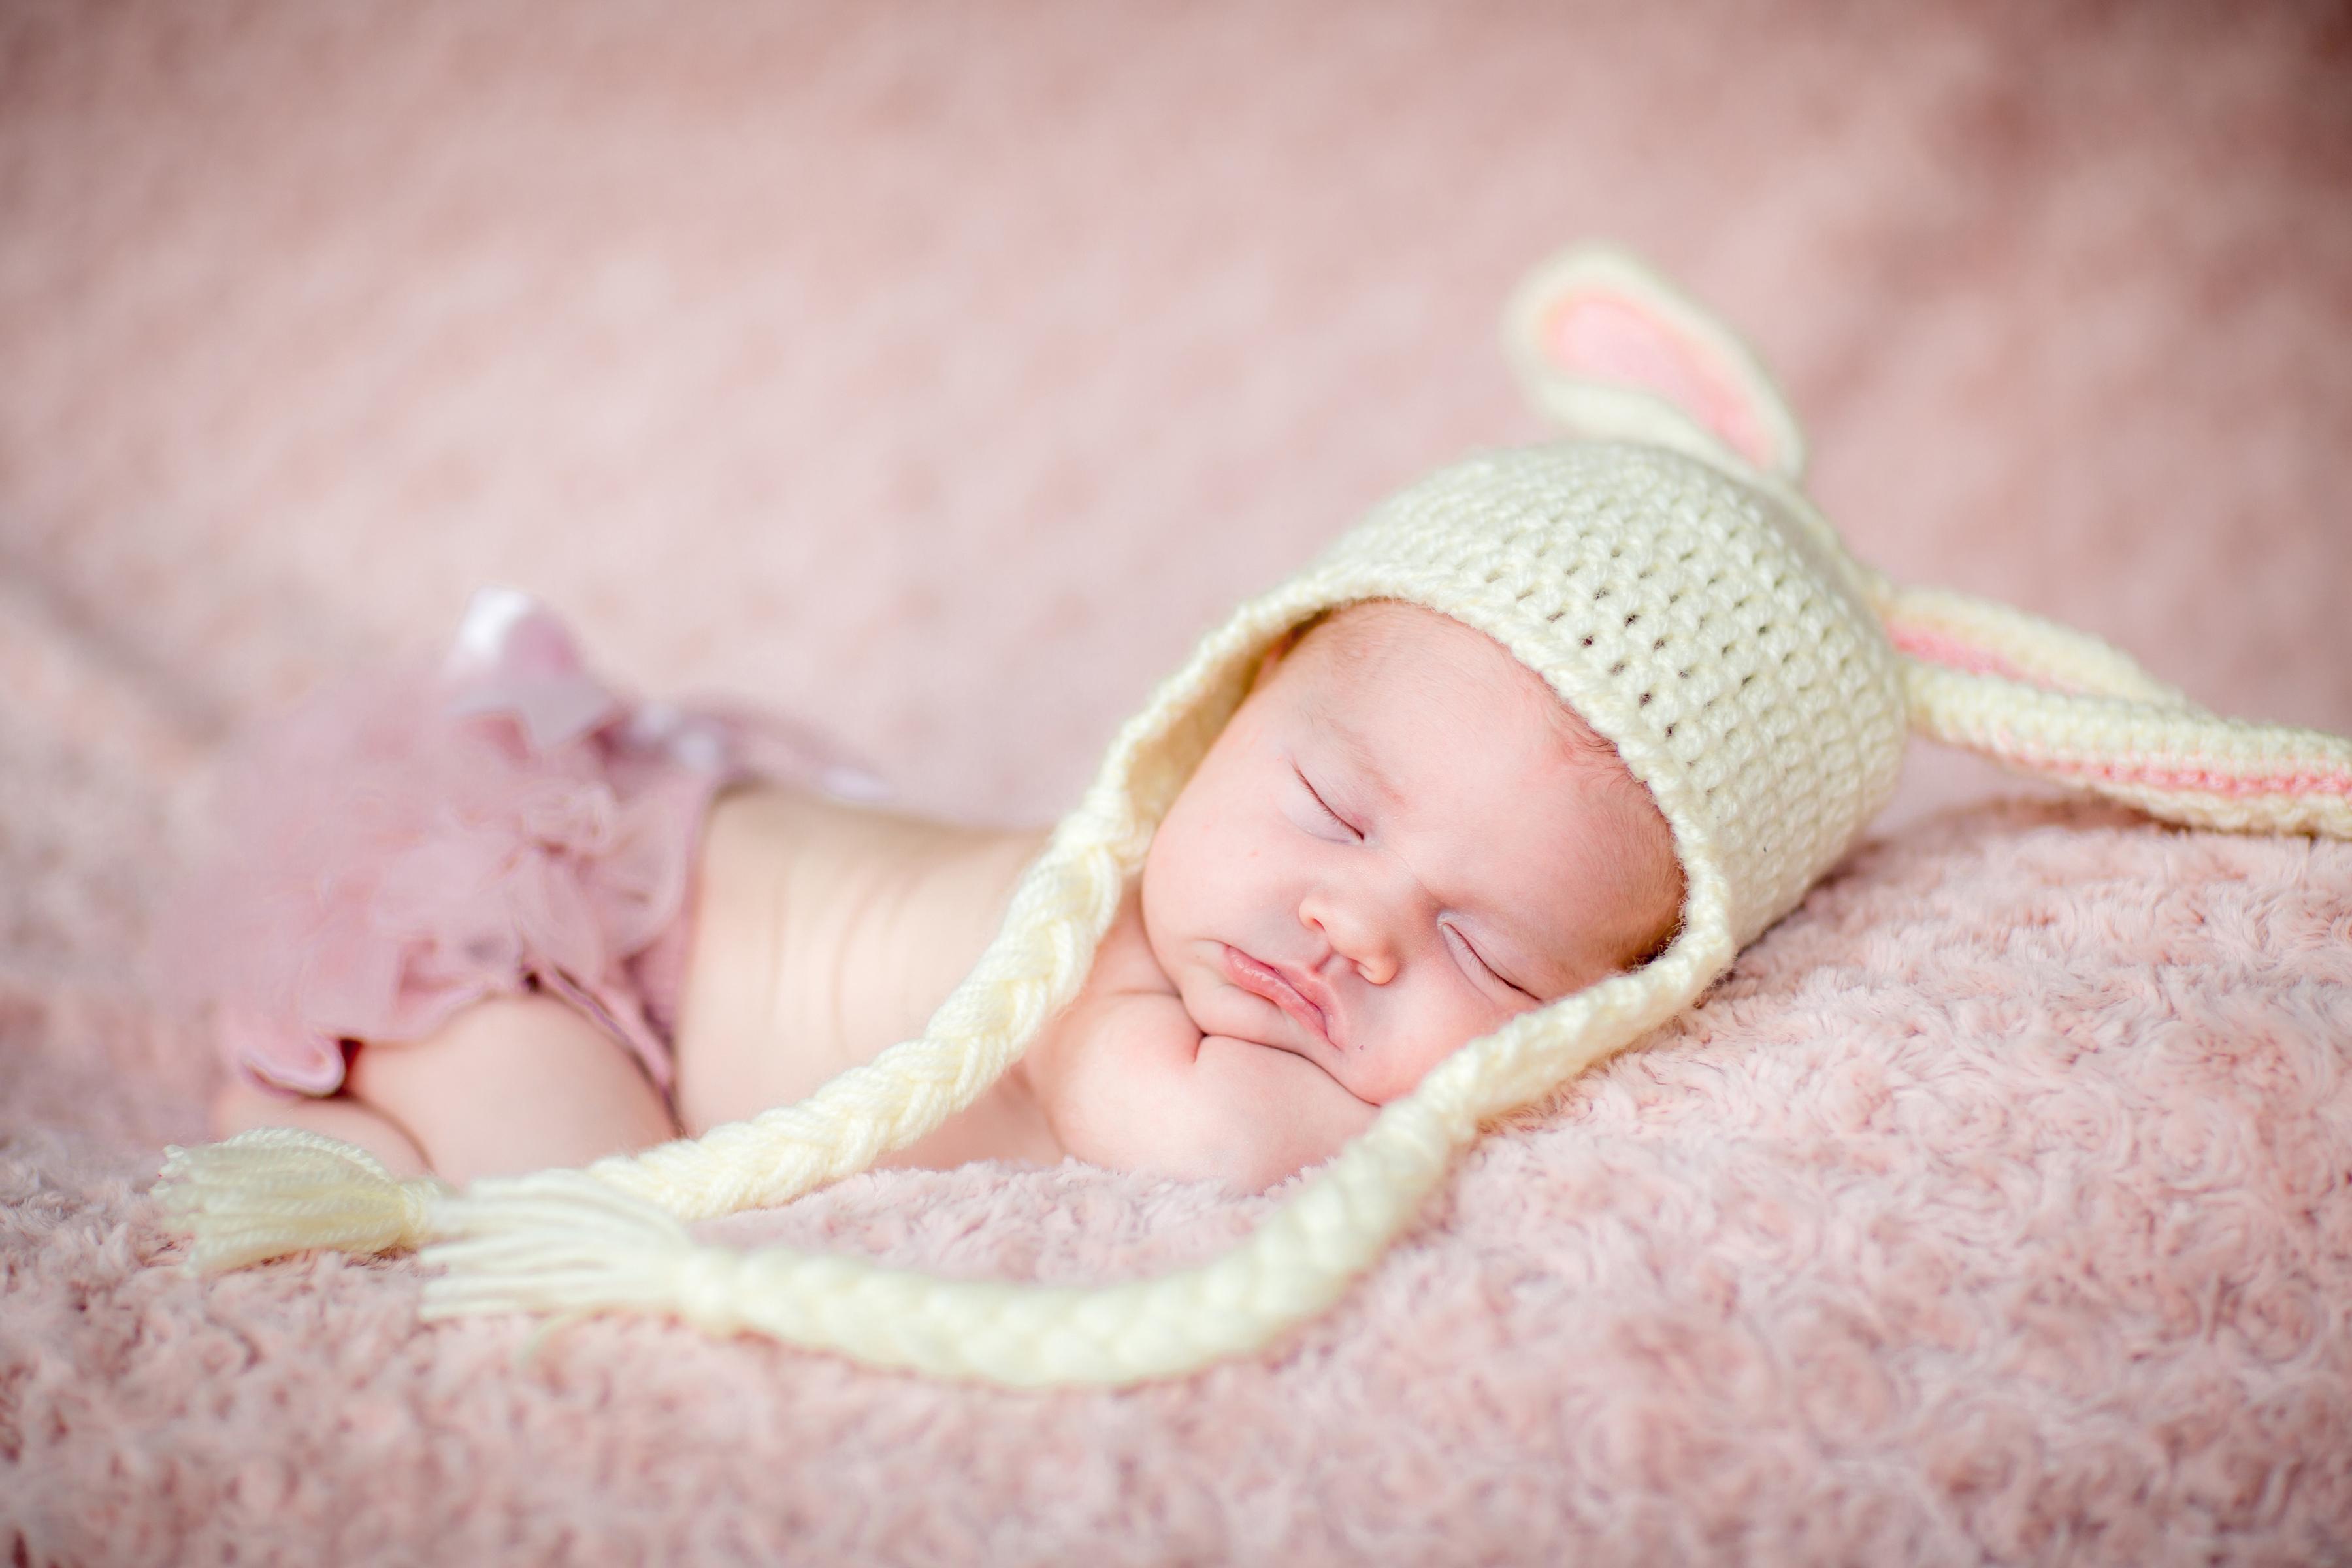 Днем рождения, фото красивые новорожденных